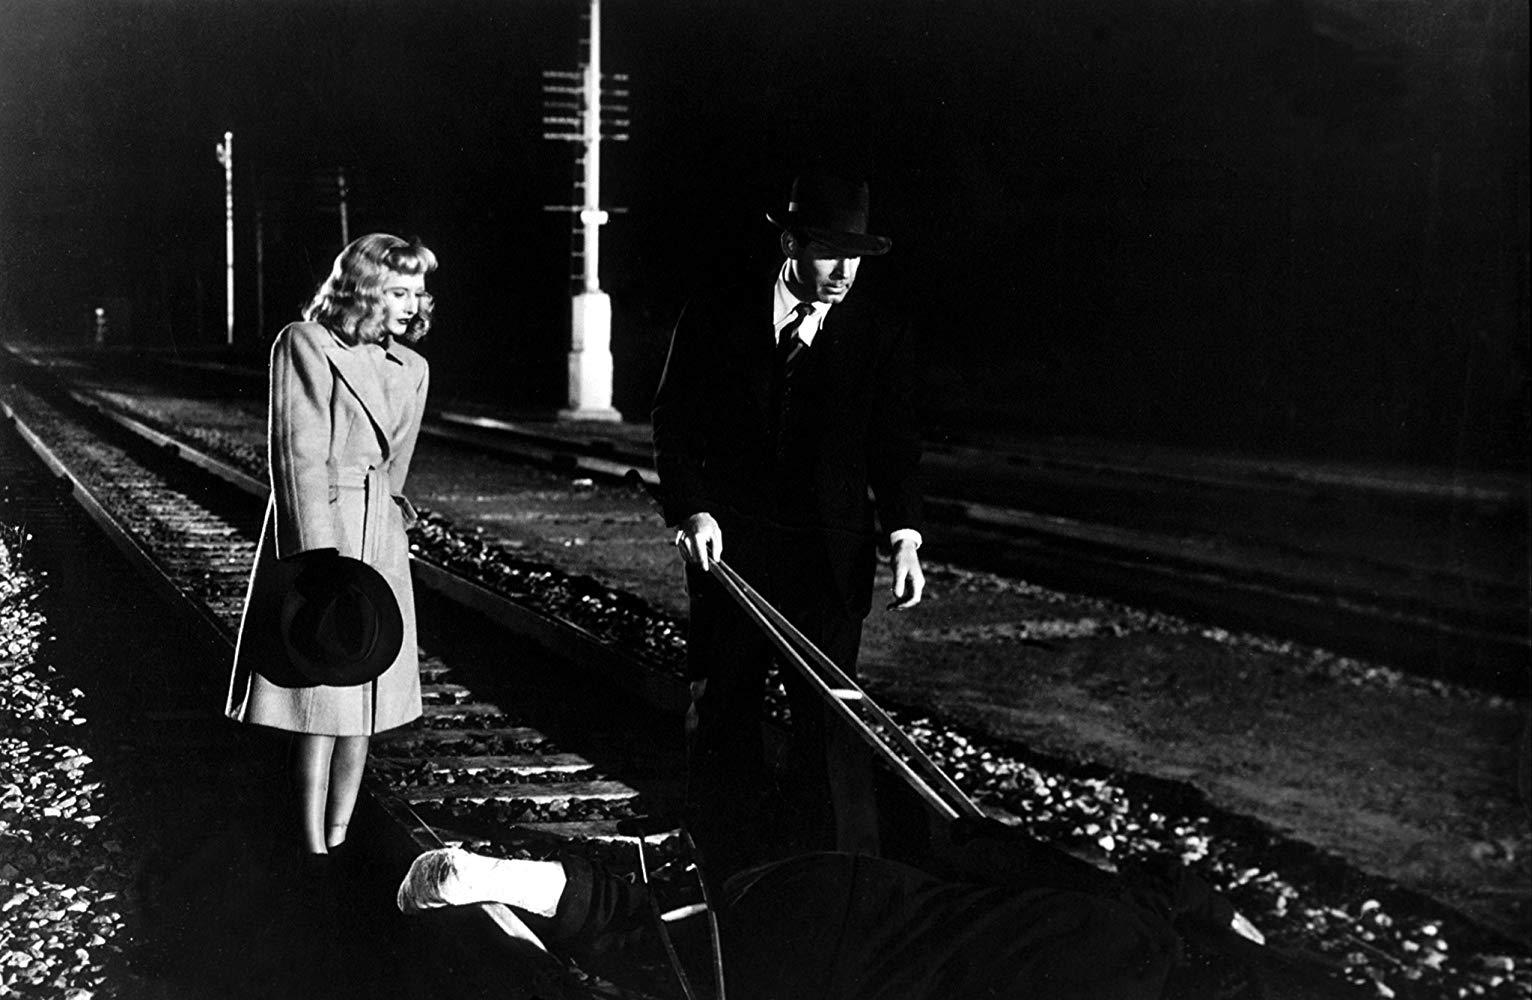 فیلم نوآر (Noir) همواره یکی از جذاب ترین سبک های فیلمسازی در تاریخ سینما بوده است. اما شاید بسیاری ندانند معنا و خصوصیات یک فیلم نوآر چیست.